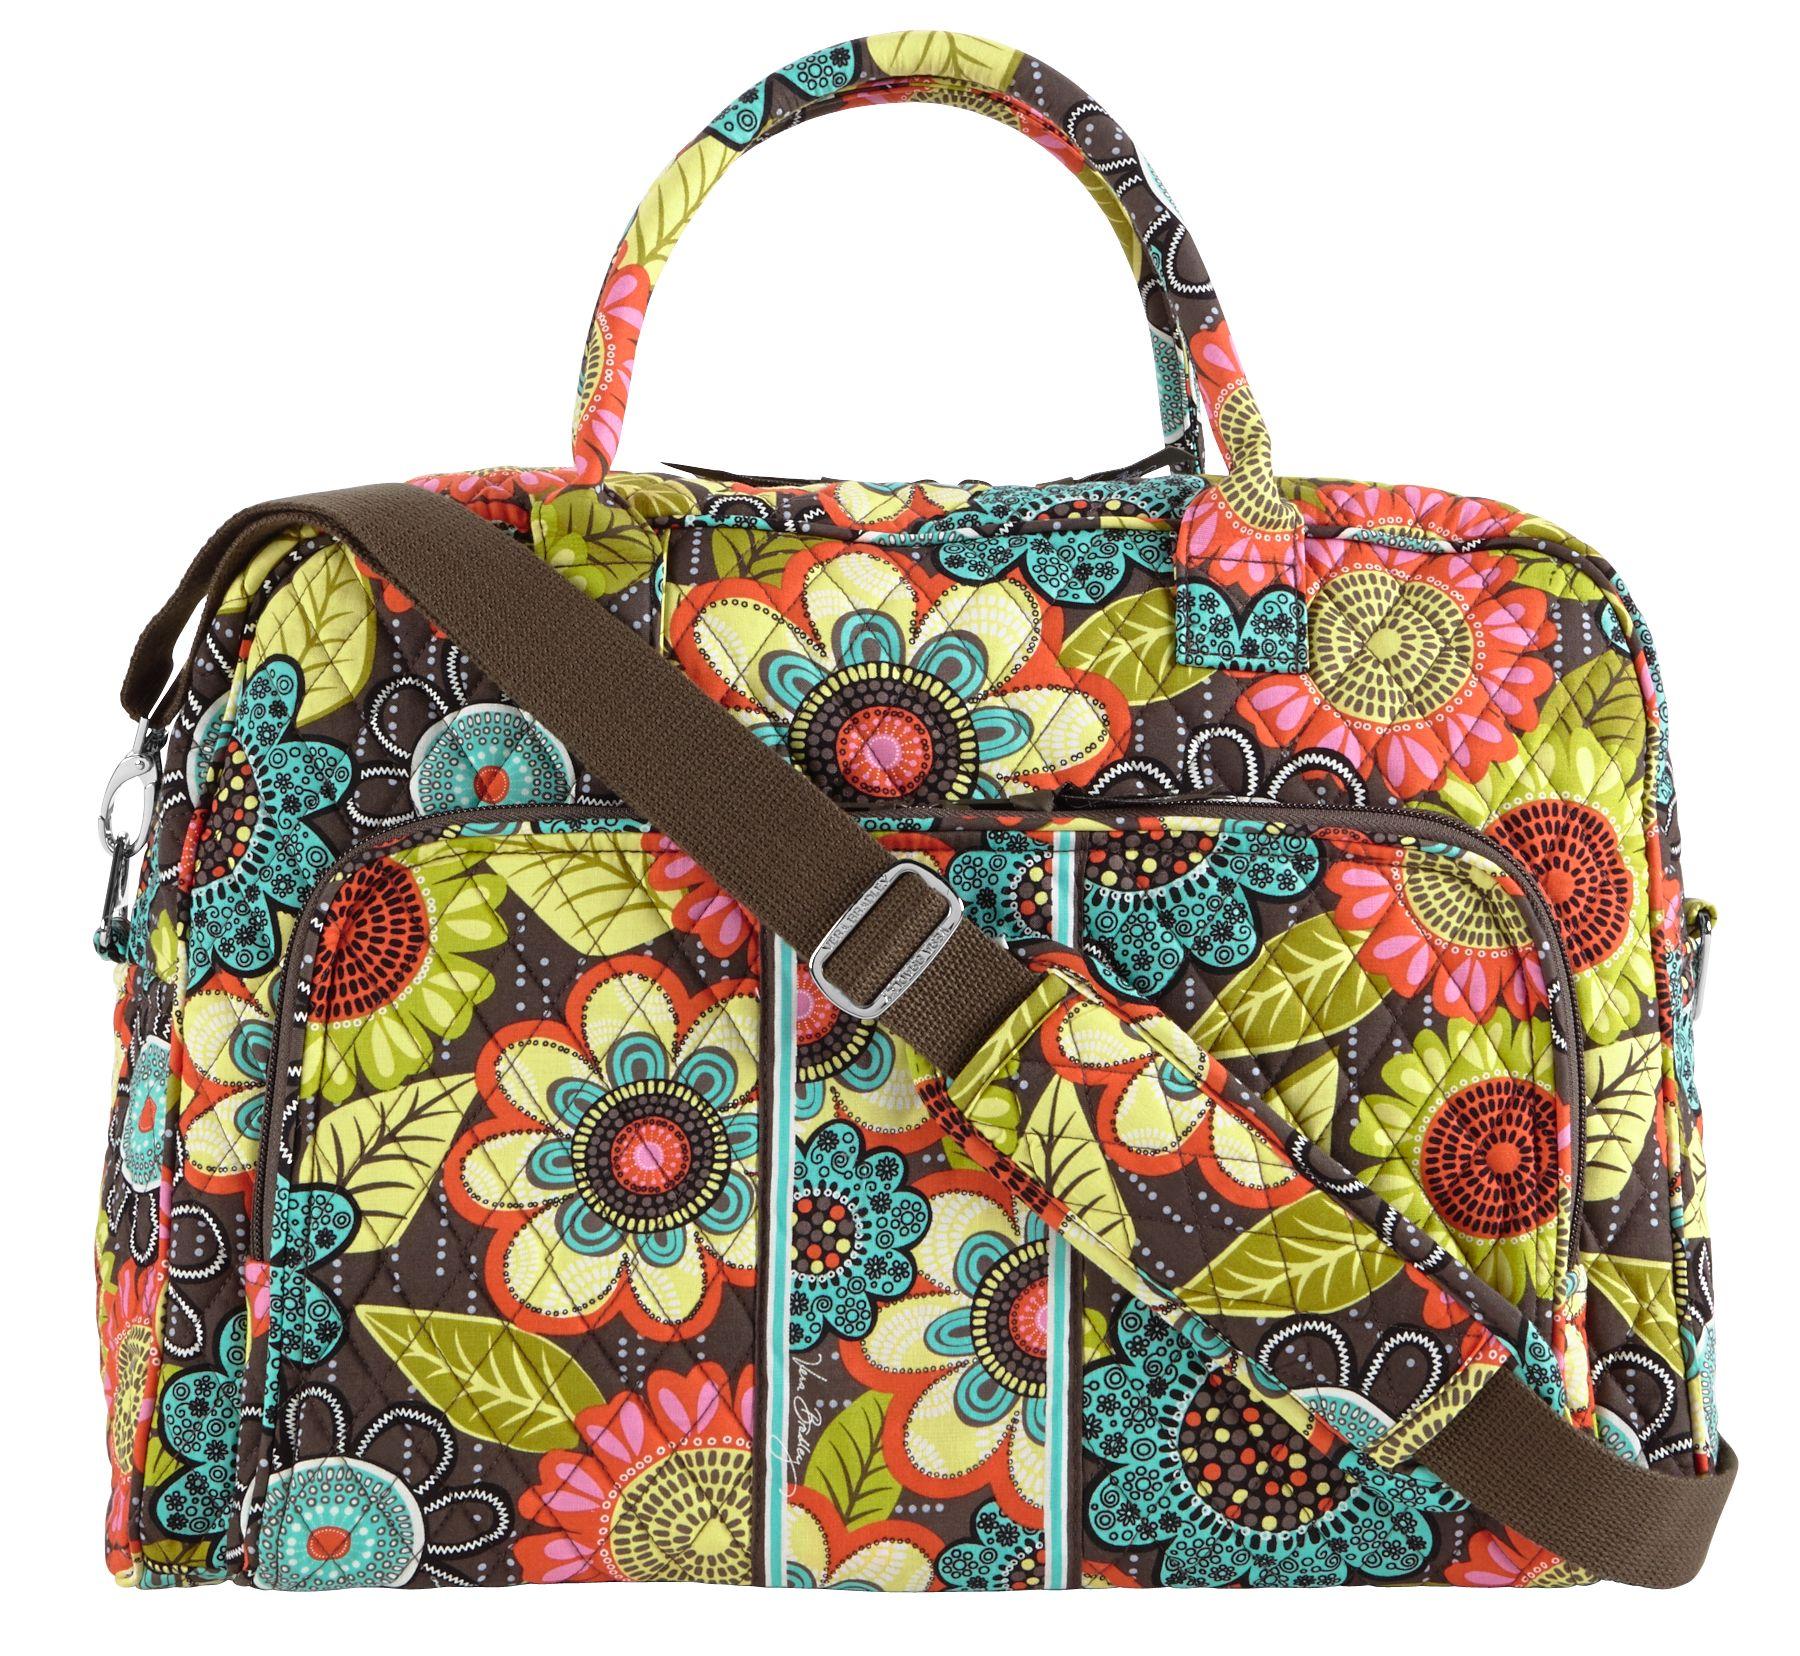 Vera Bradley Weekender Travel Bag in Flower Shower